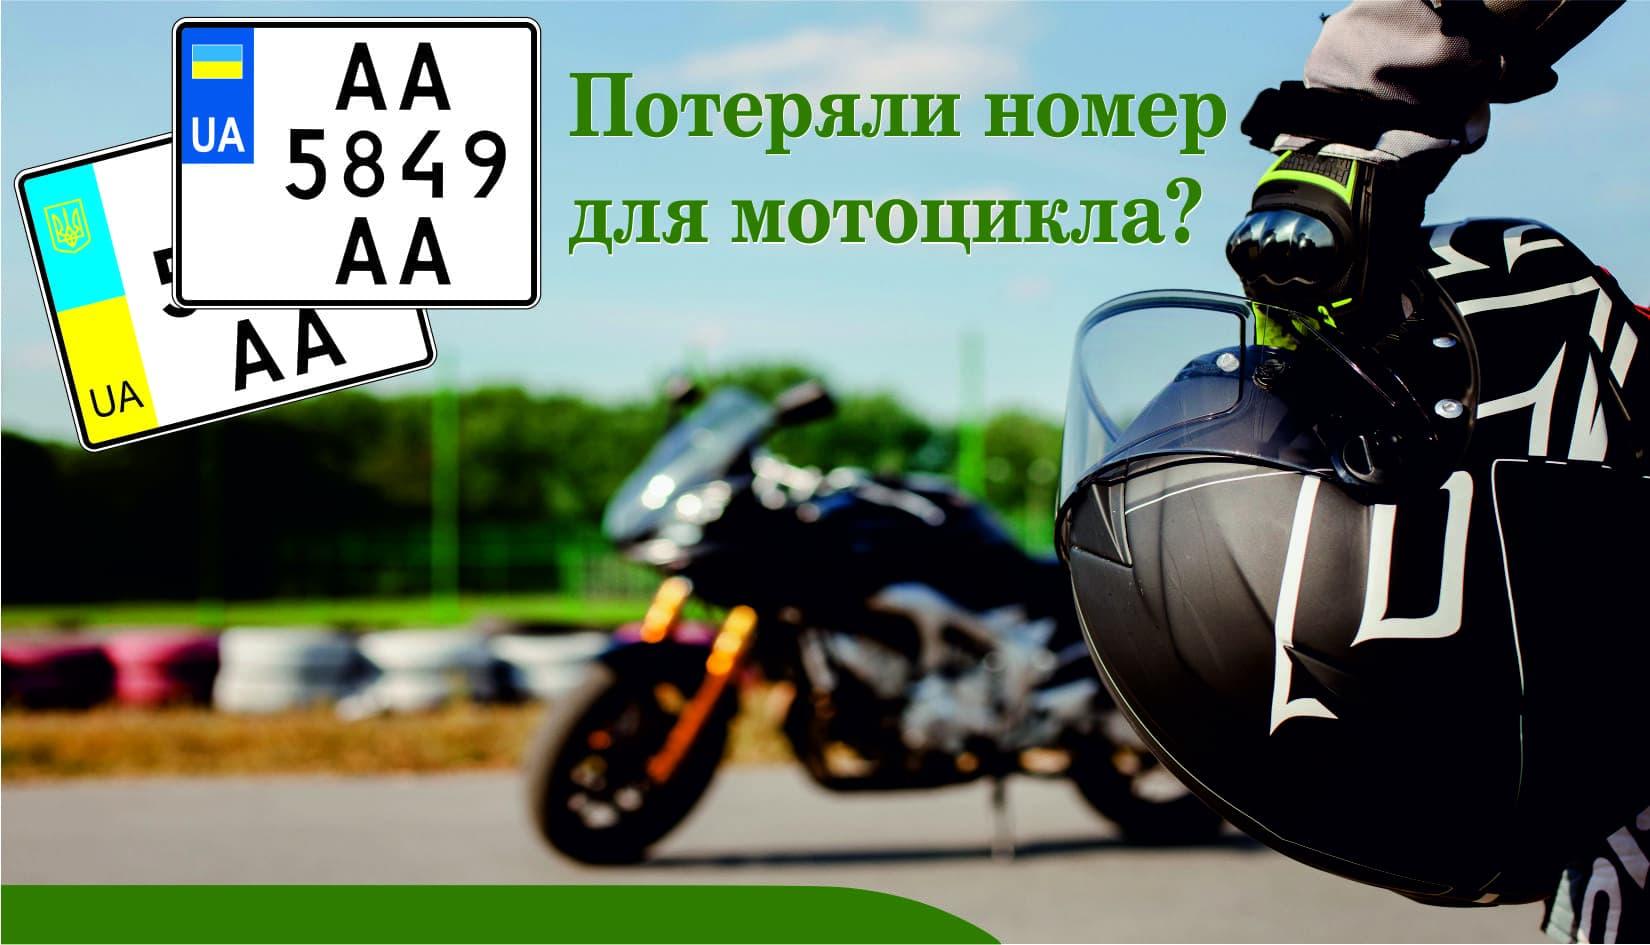 moto_nomer.jpg